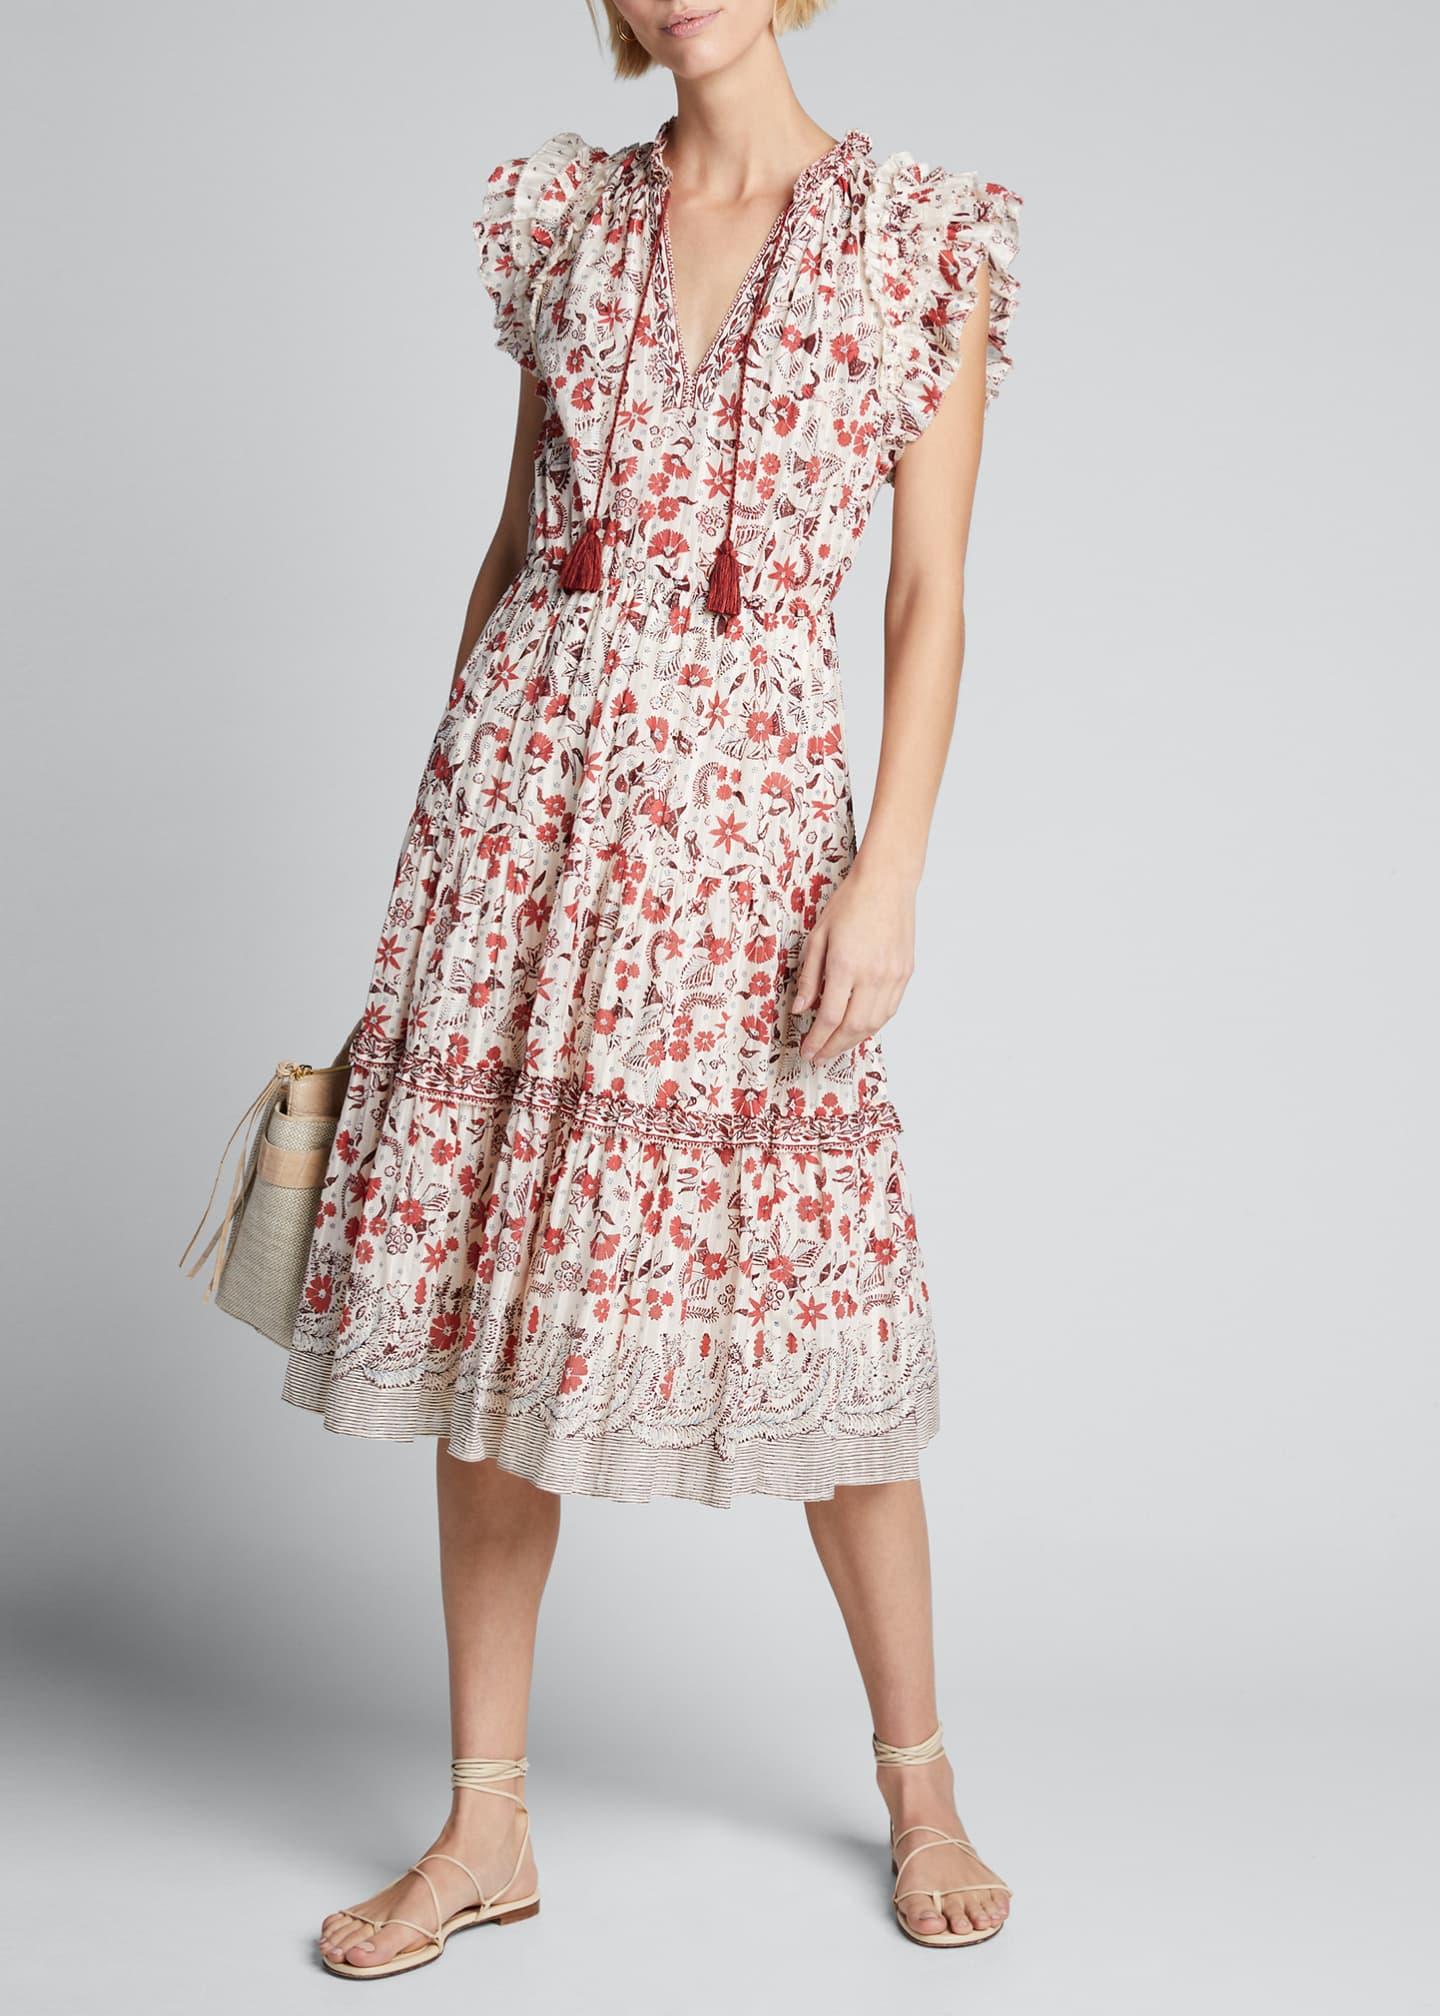 Ulla Johnson Prunella Printed Tie-Front Midi Dress